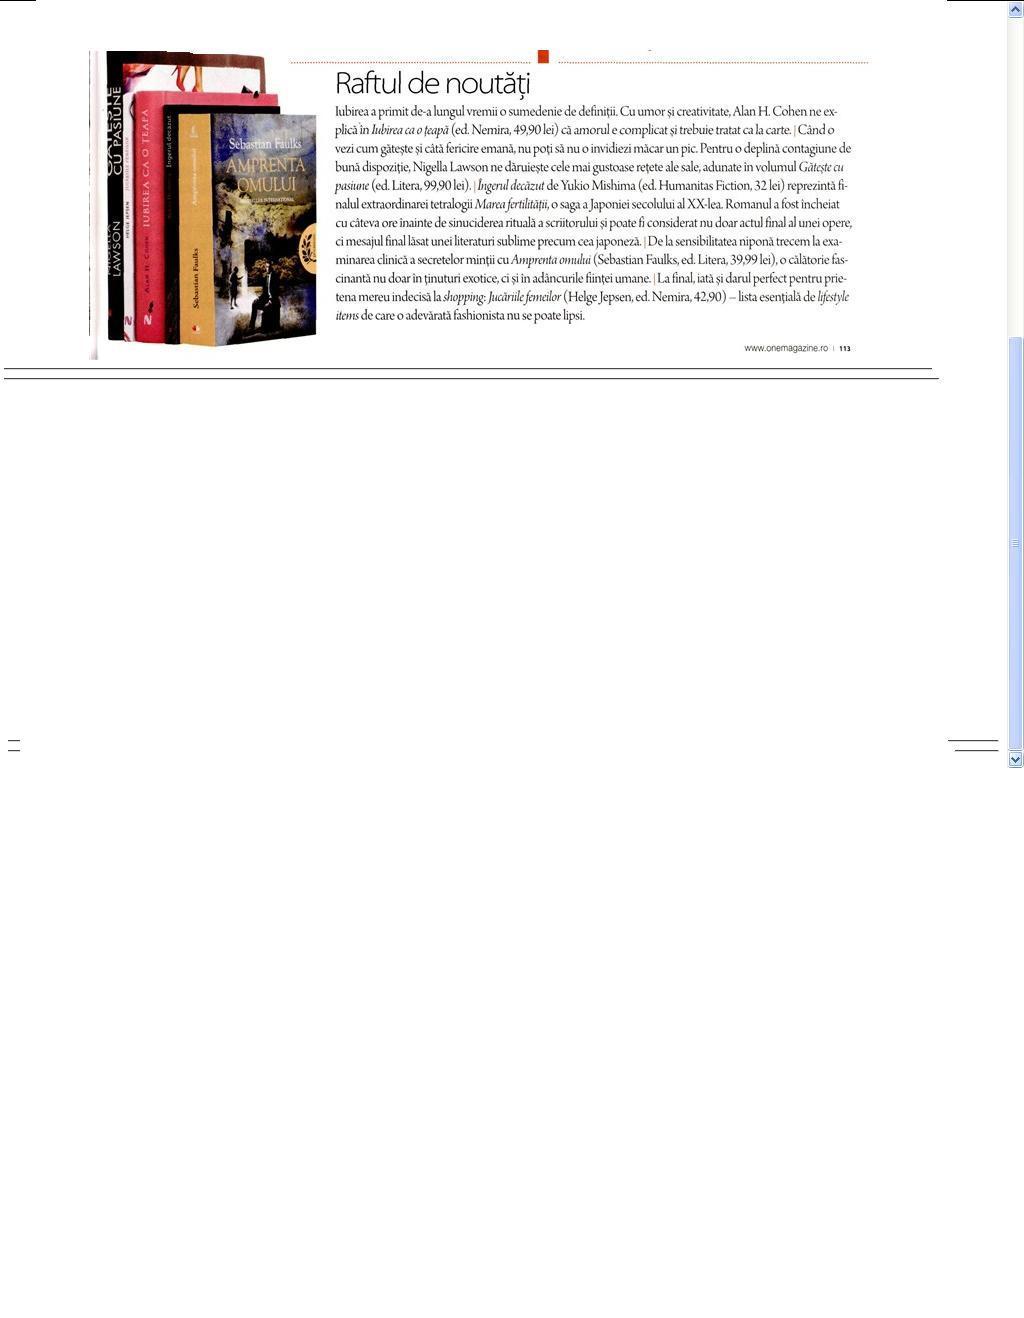 Raftul de noutati_OneMagazine